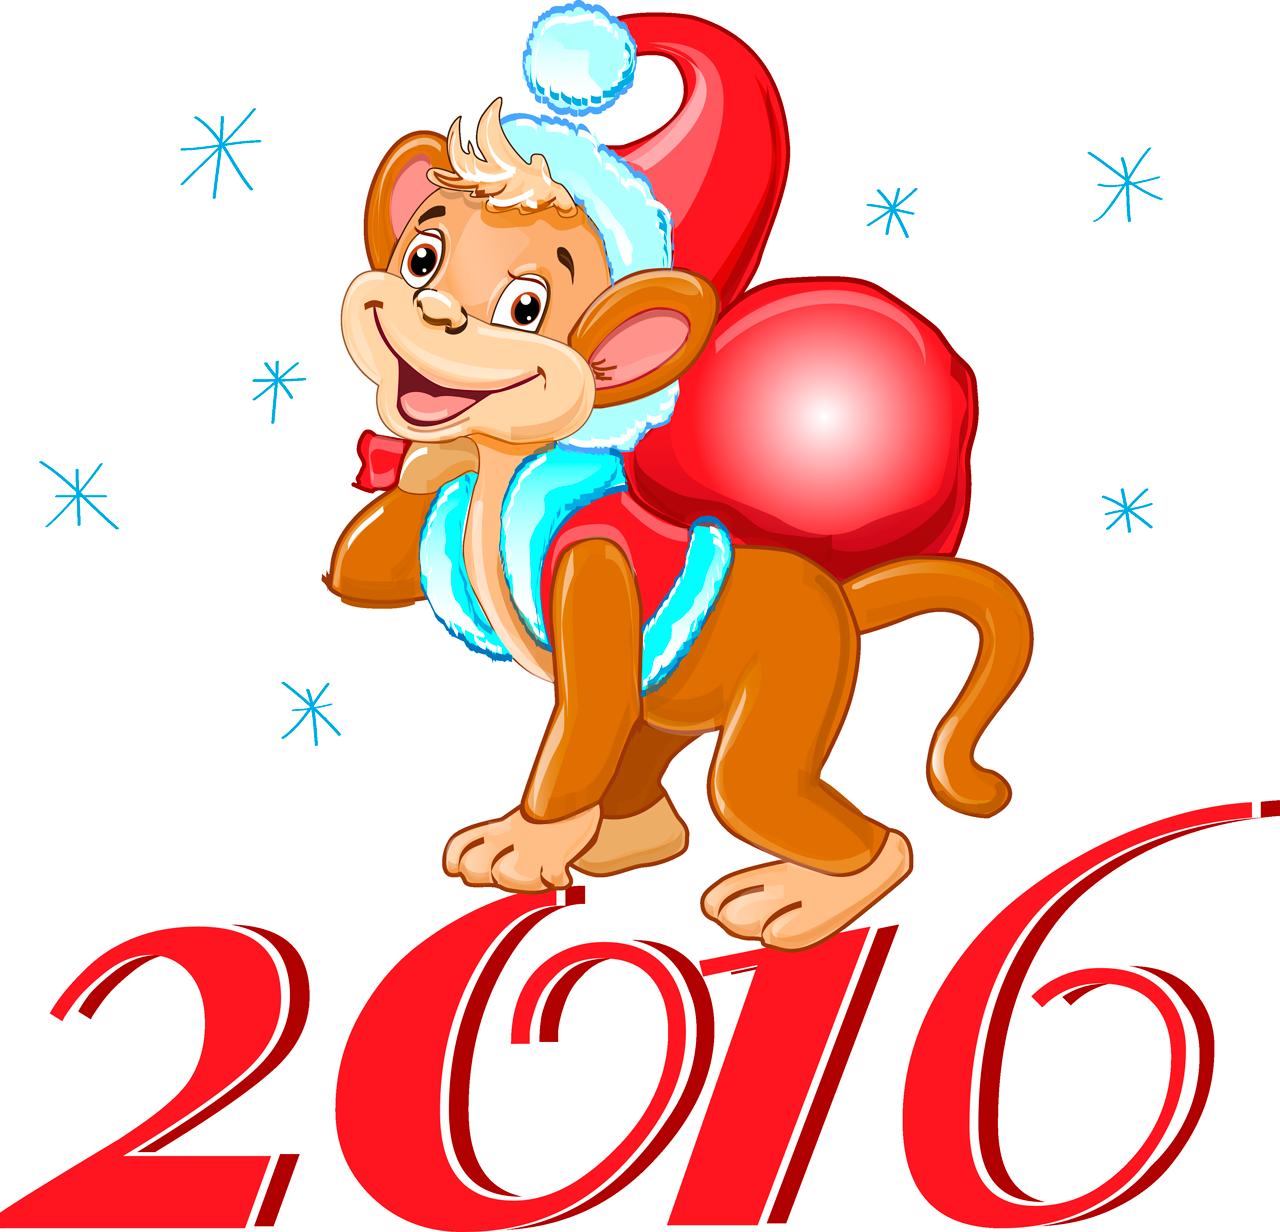 Новый год 2016: открытки с Обезьянками - t 2